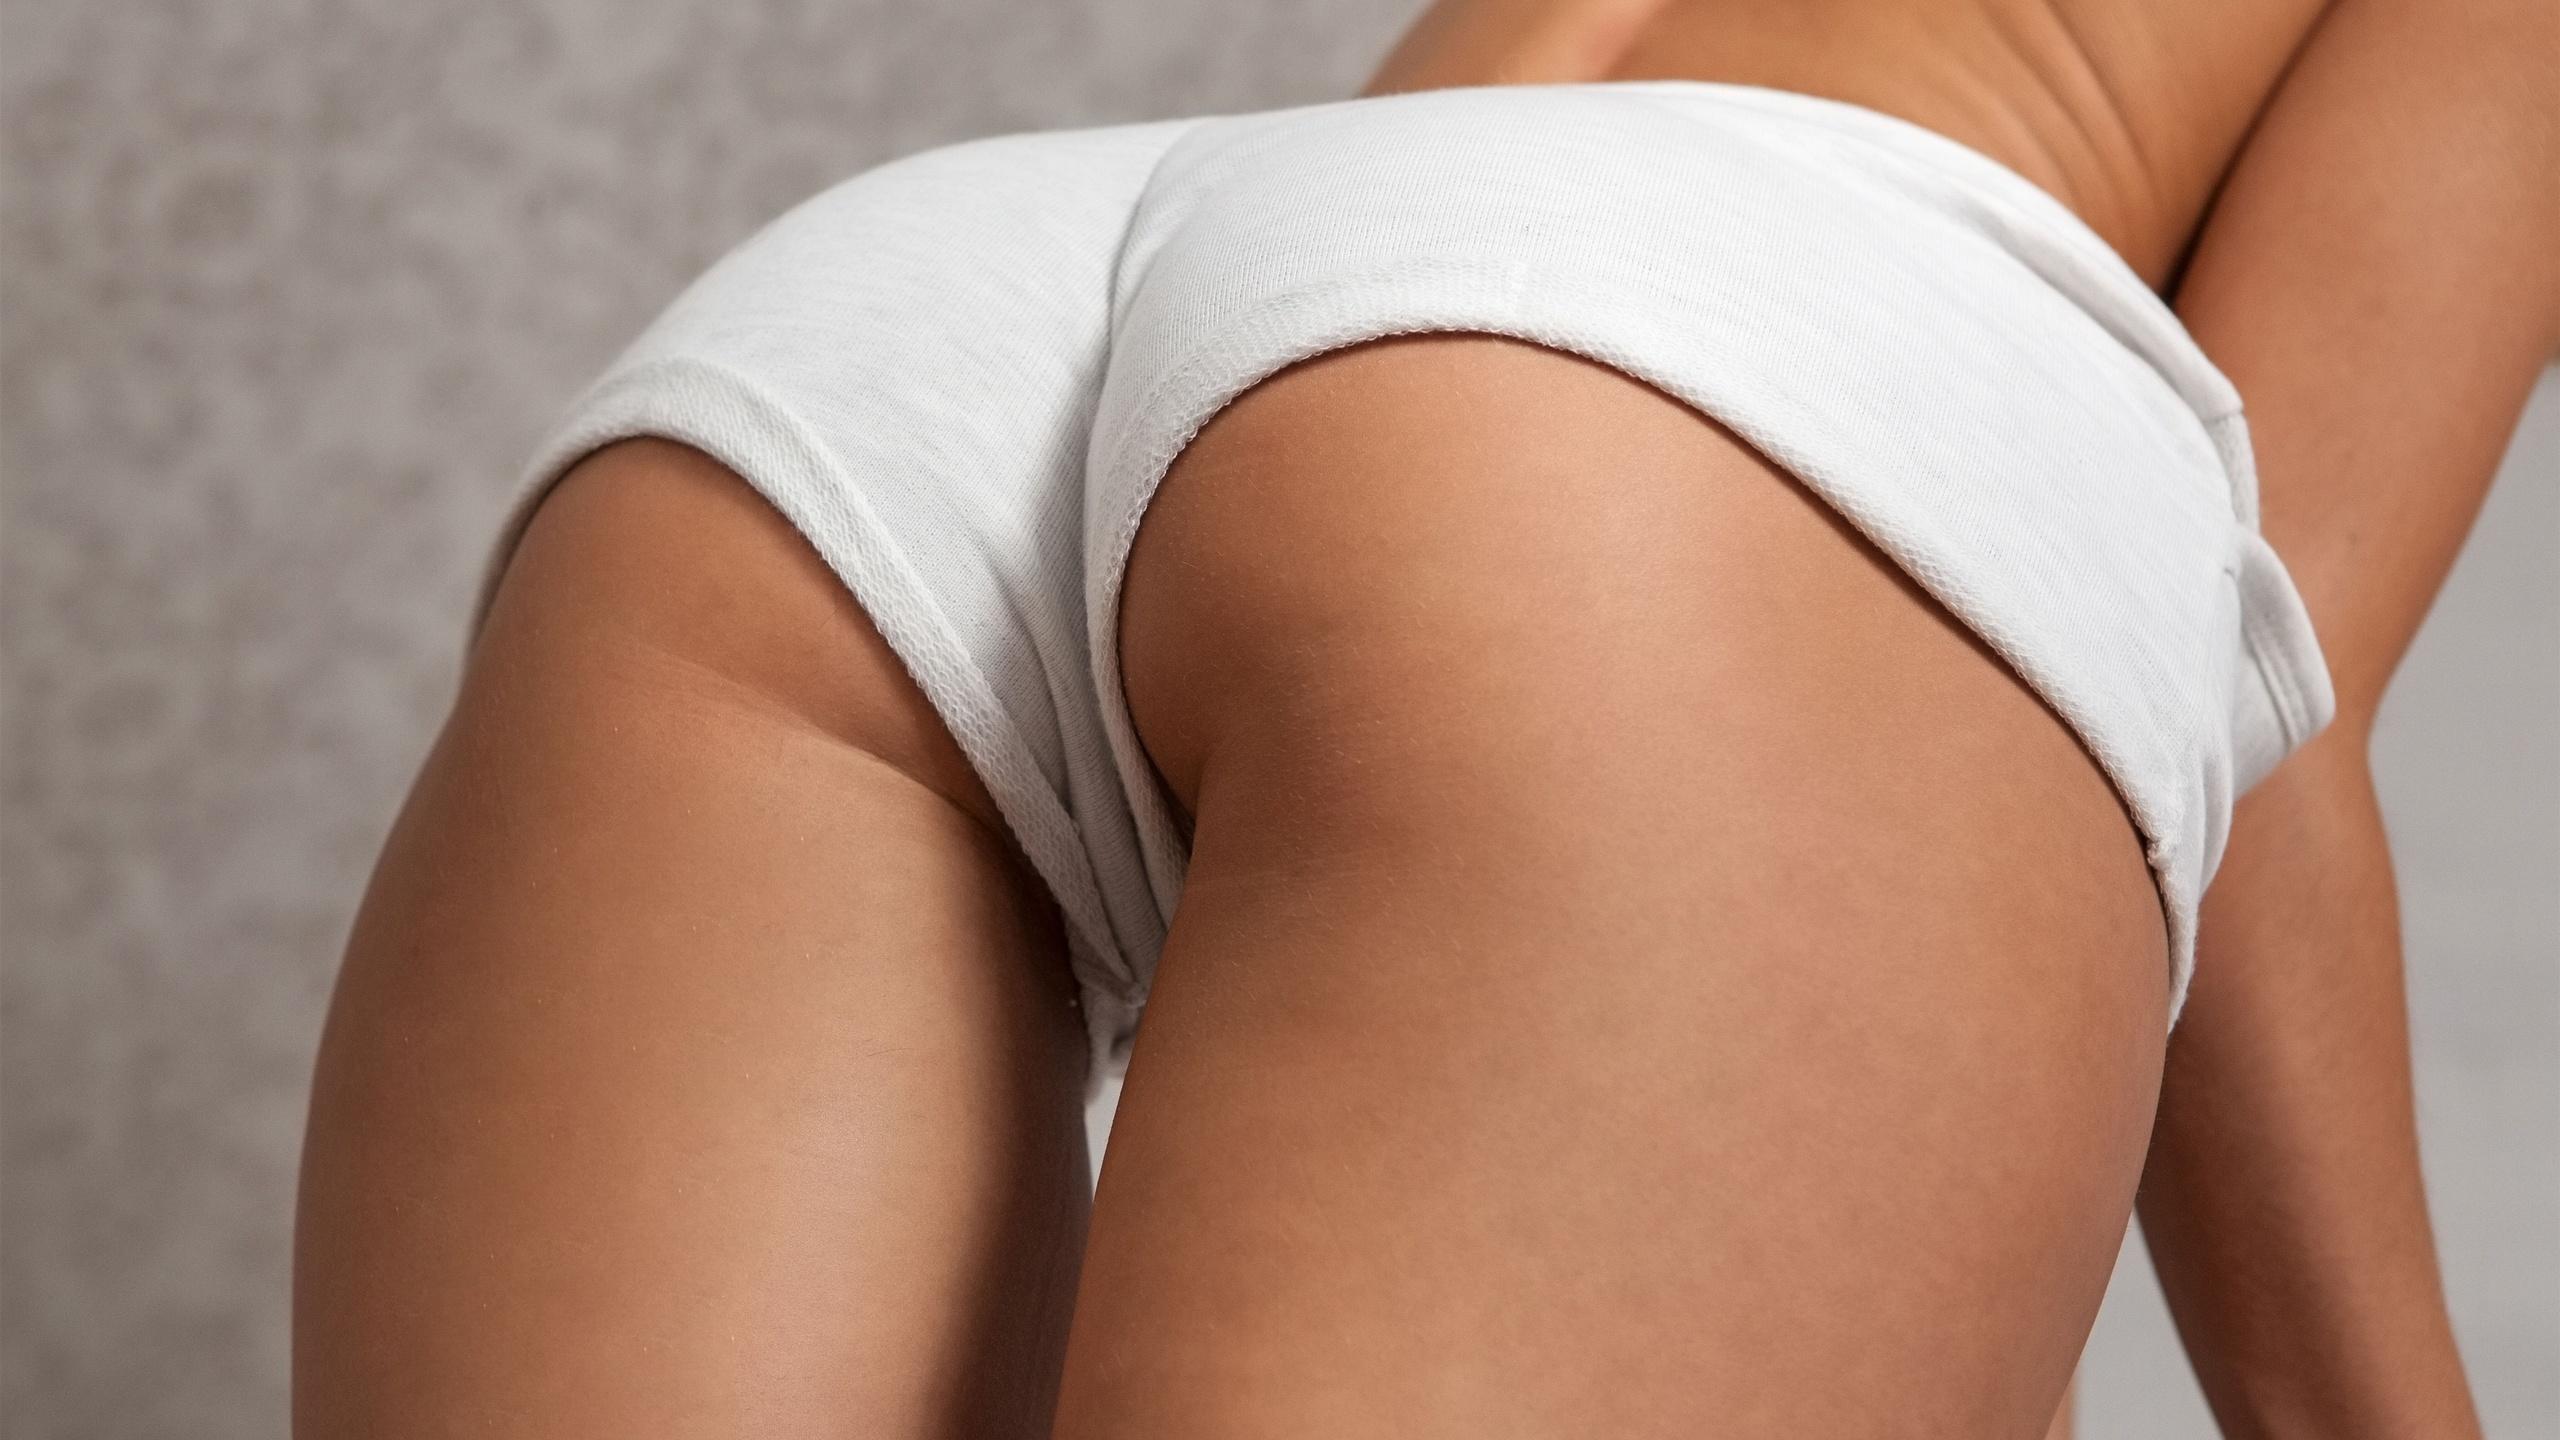 Только попы в турсах, Девушки в красивых трусиках показывают сексуальные 26 фотография